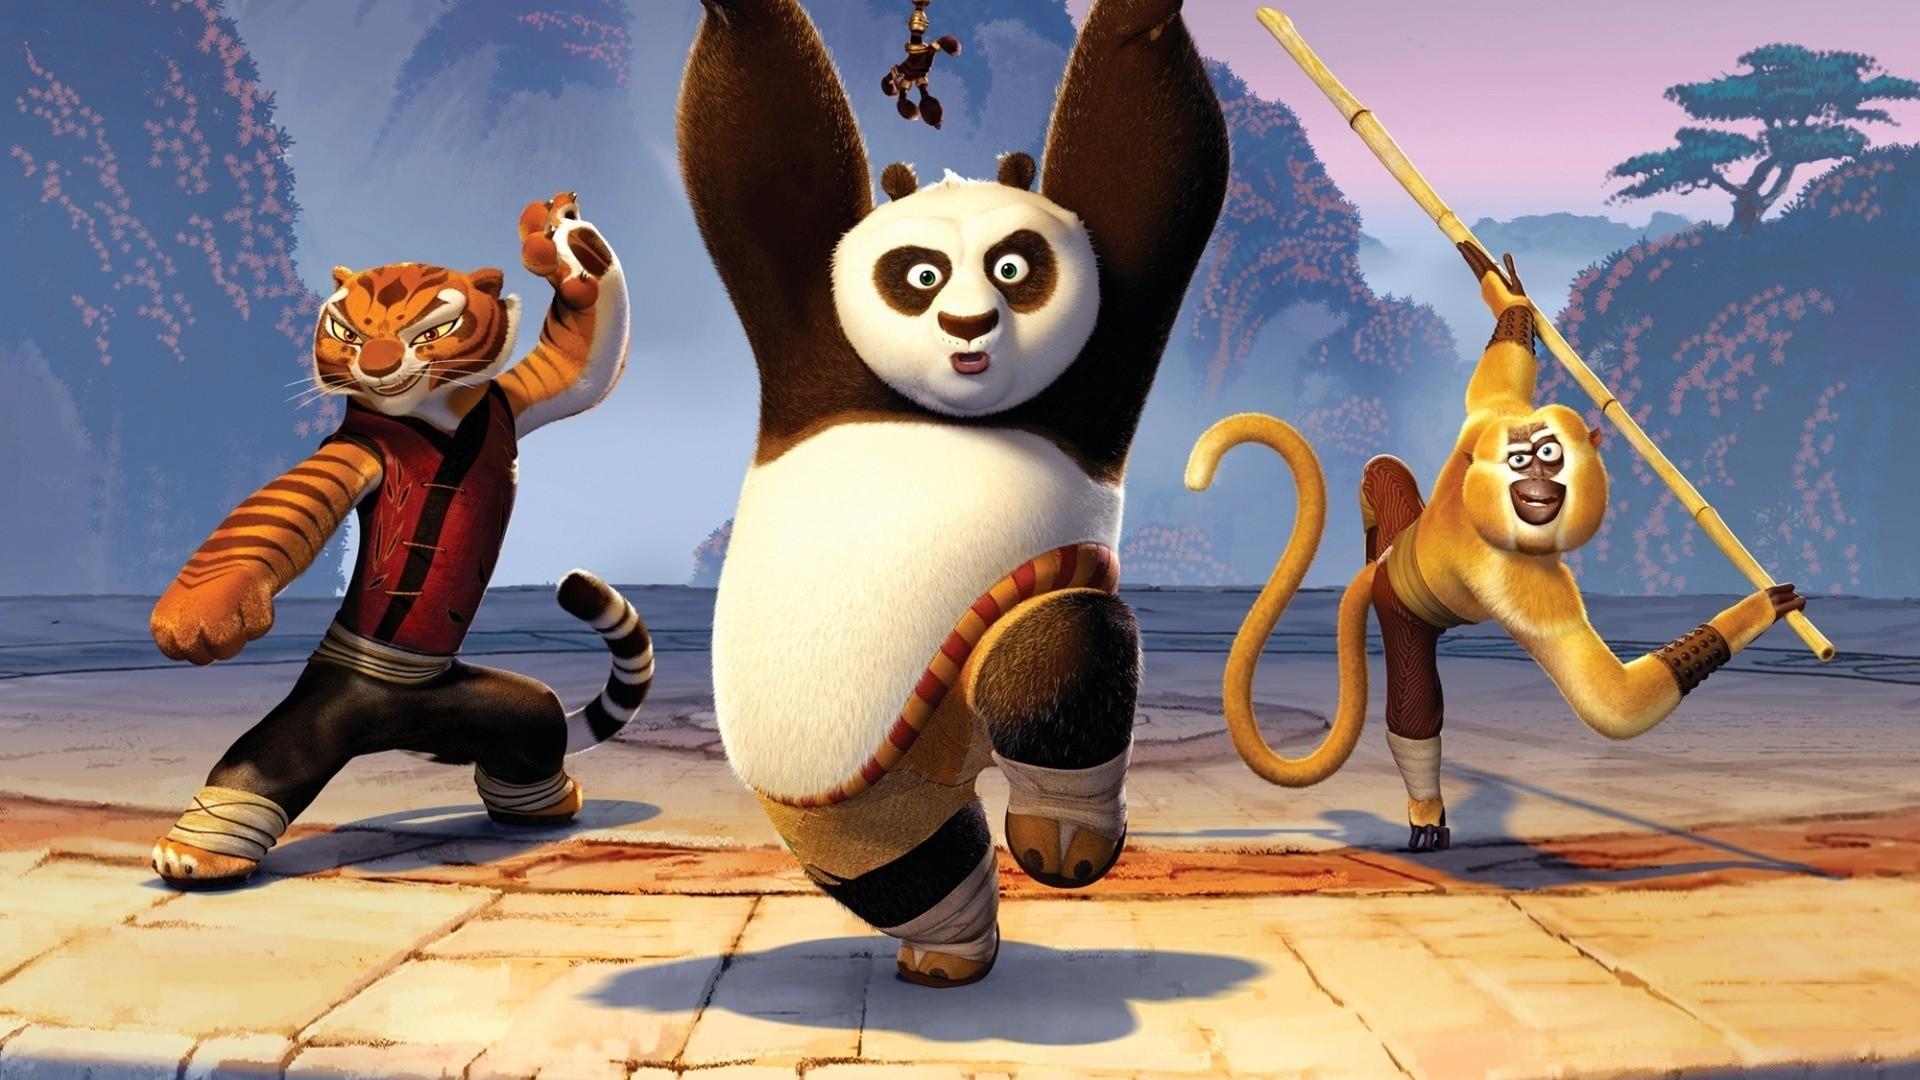 Кунфу панда картинки из мультфильма, прикольные для